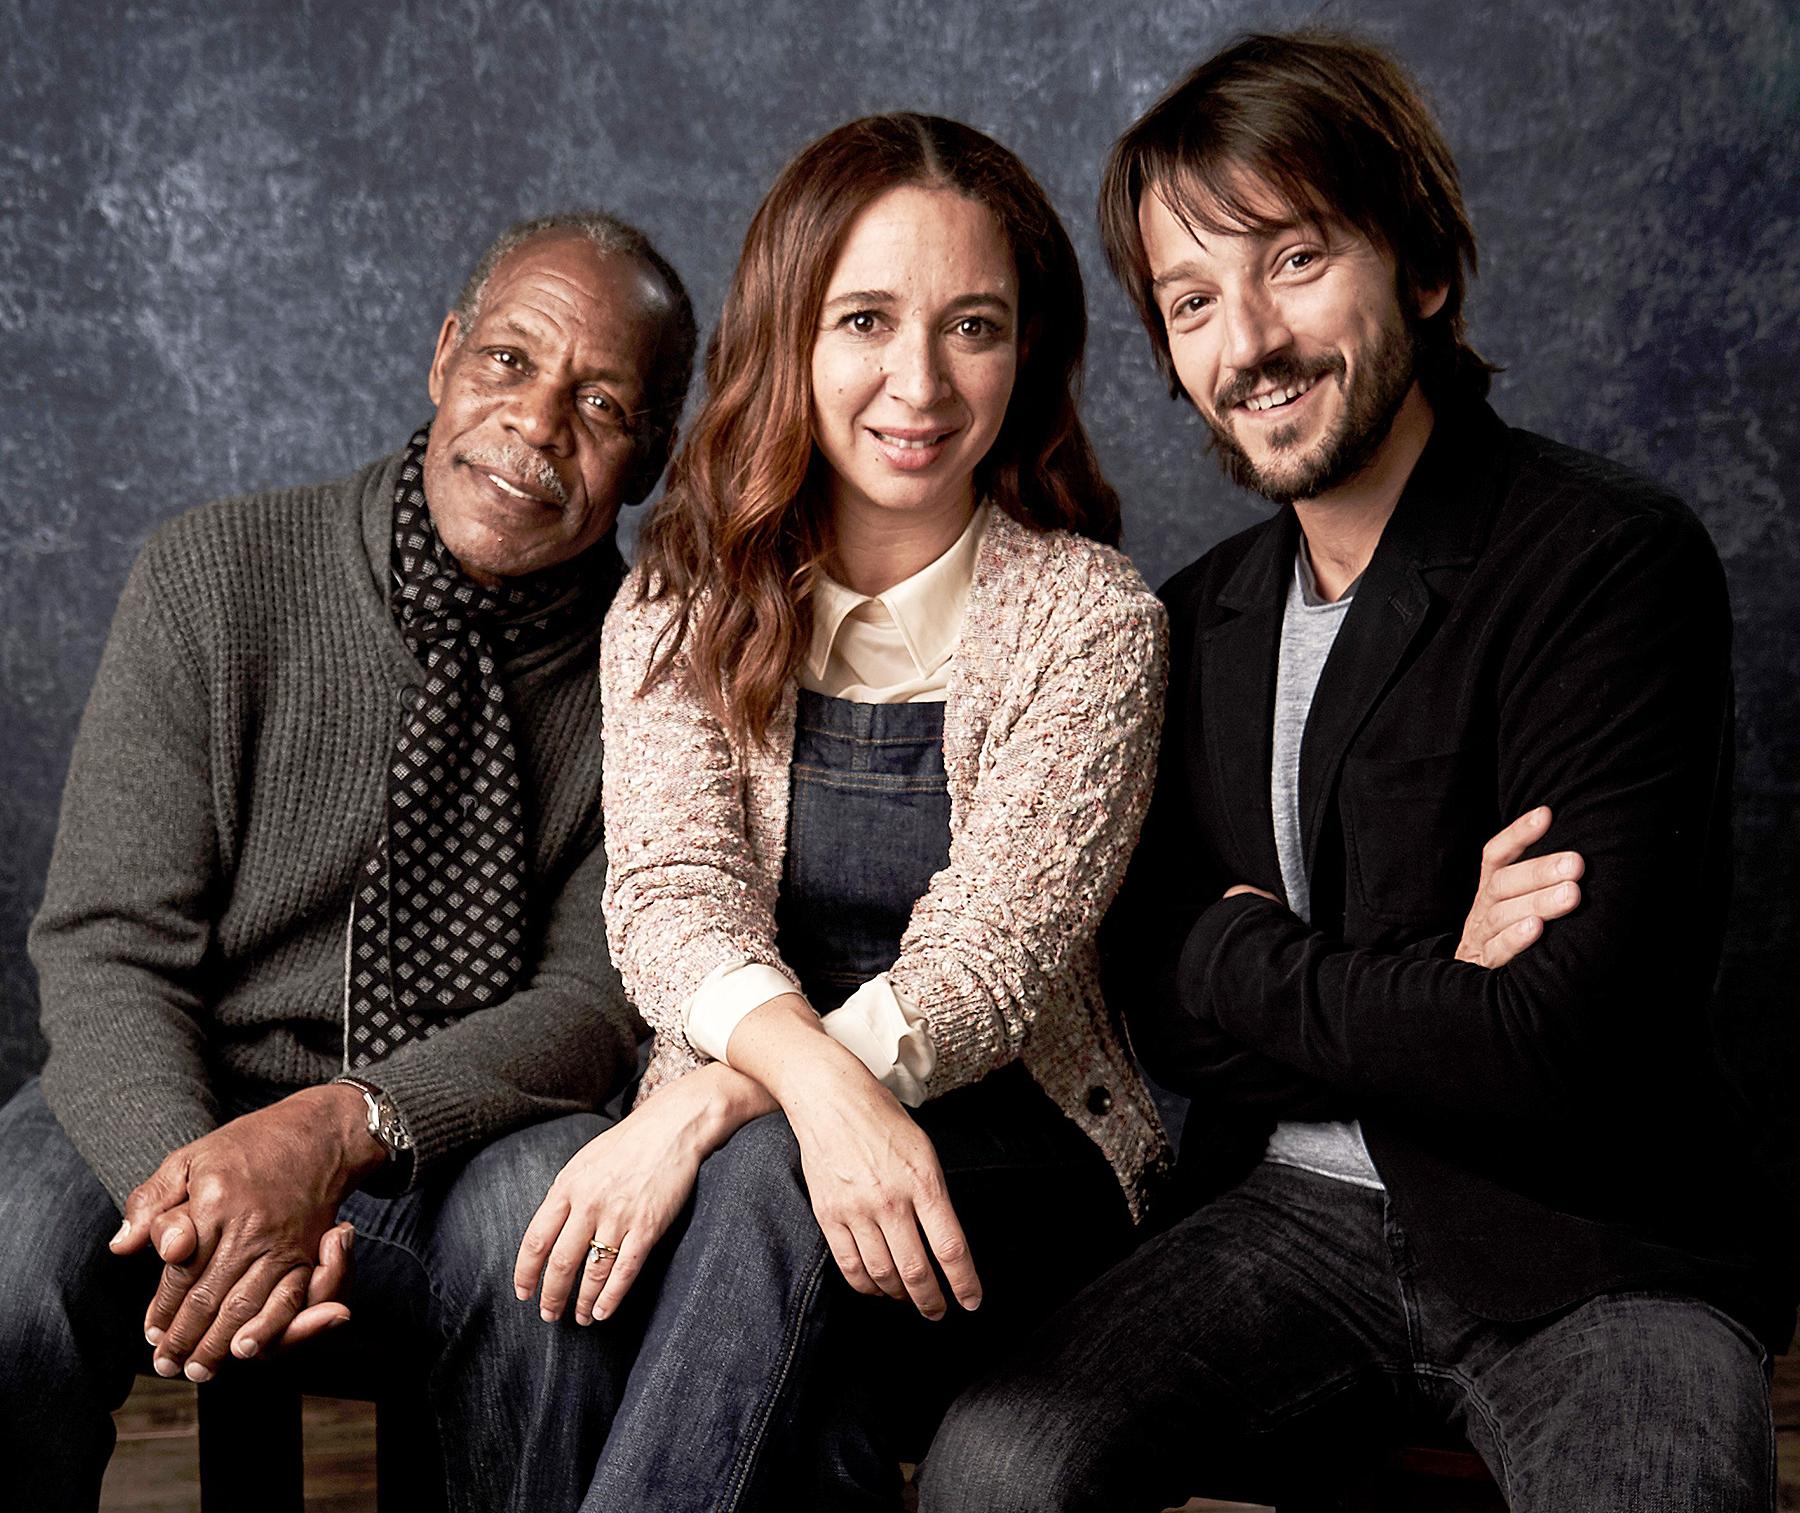 Danny Glover, Maya Rudolph, and Diego Luna